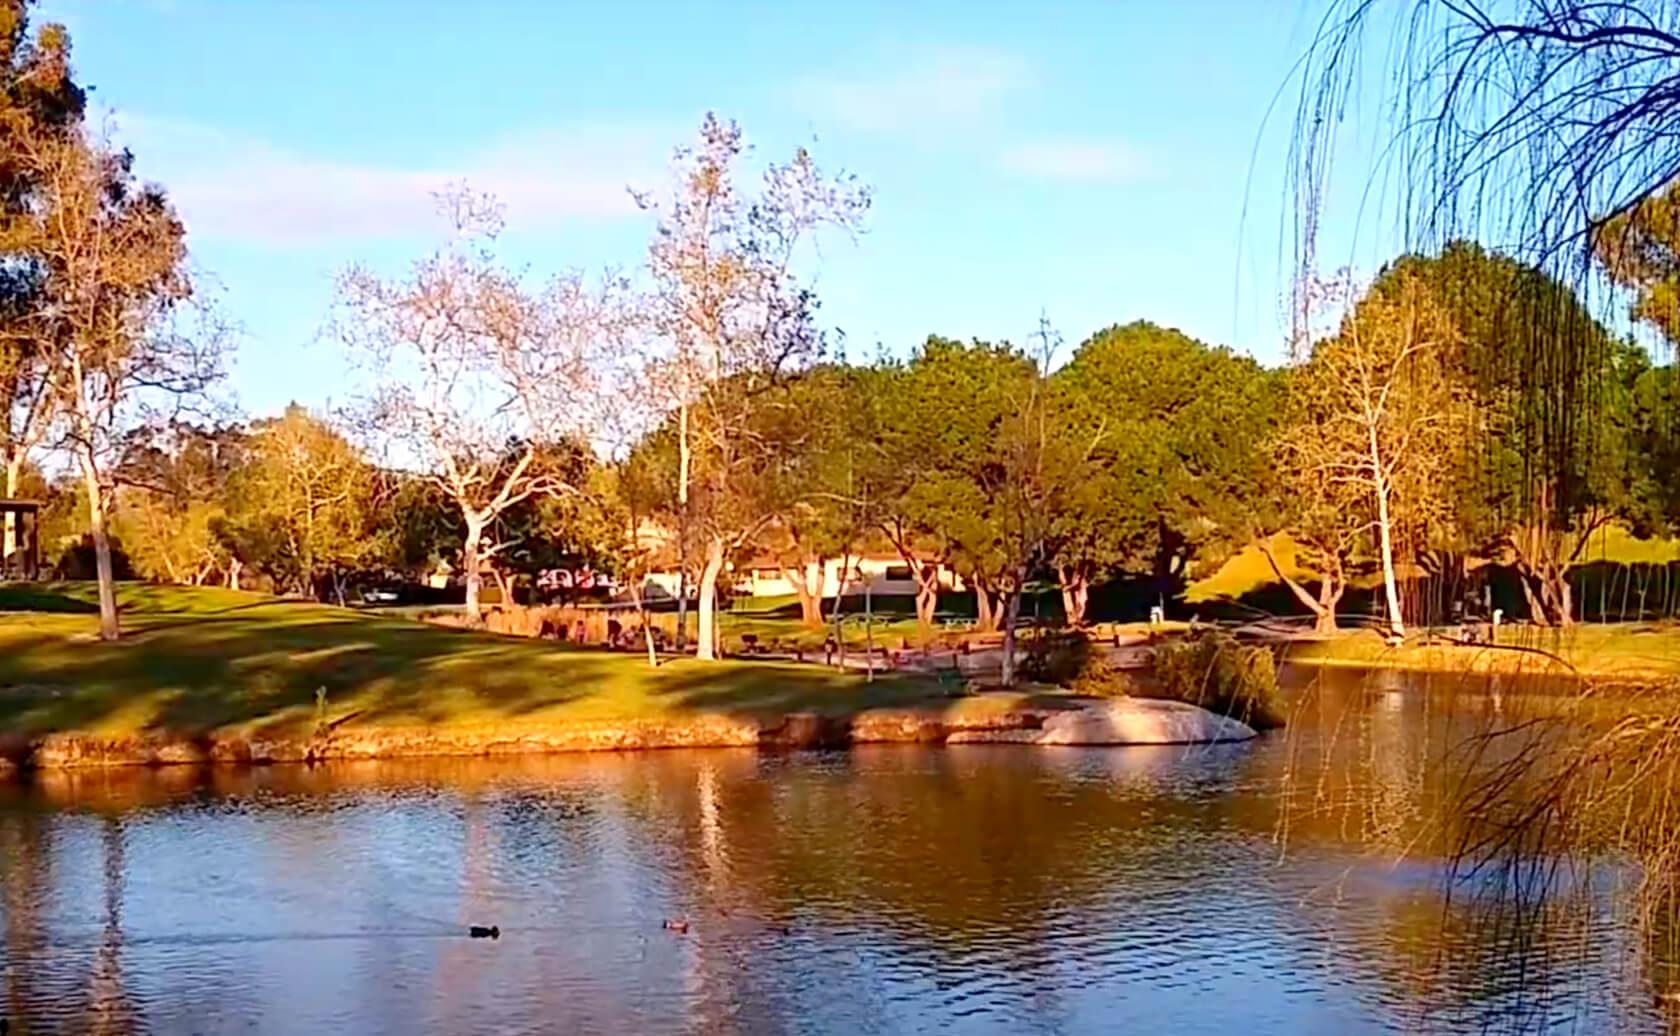 Craig-Regional-Park-Lake-Fishing-Guide-Report-Fullerton-CA-04